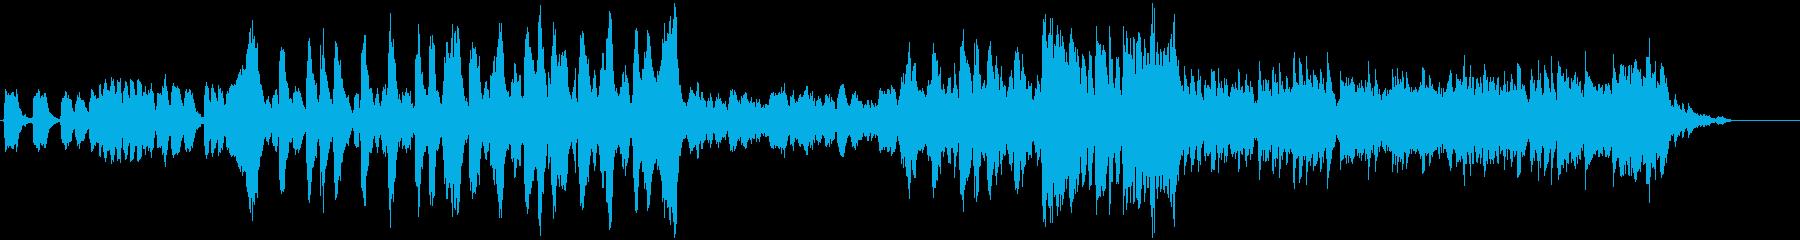 「新世界より」 第4楽章 冒頭の再生済みの波形